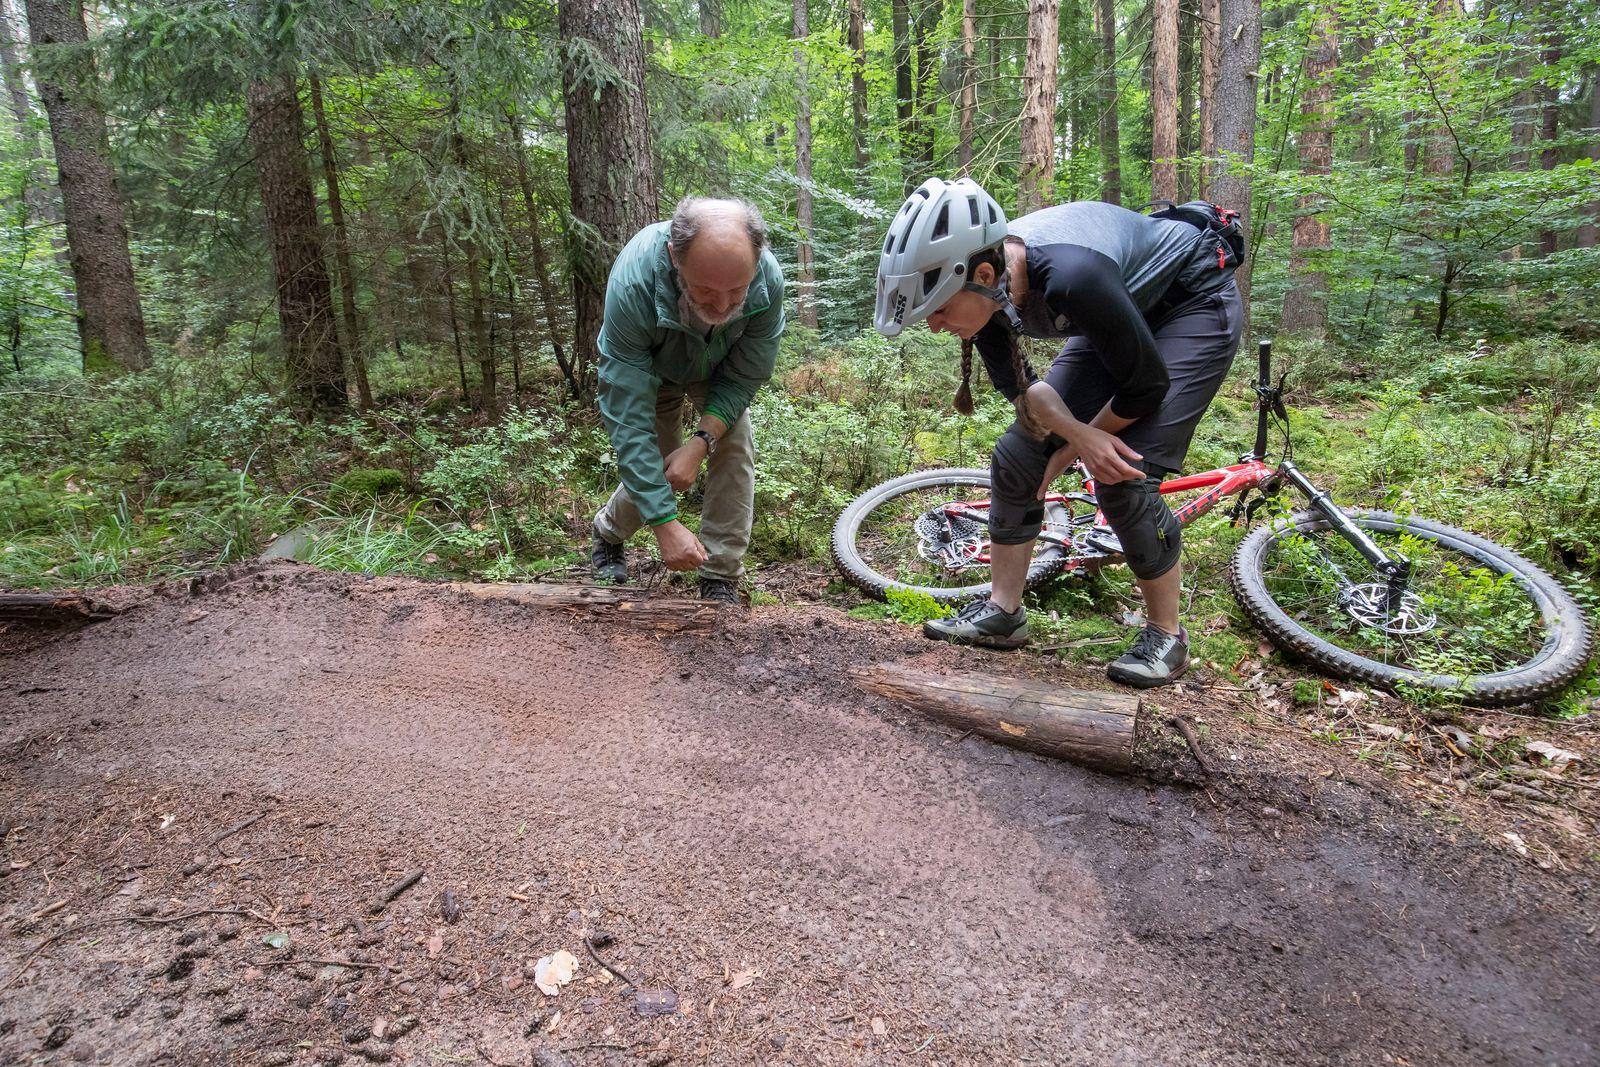 Illegale Mountainbike-Strecken im Wald